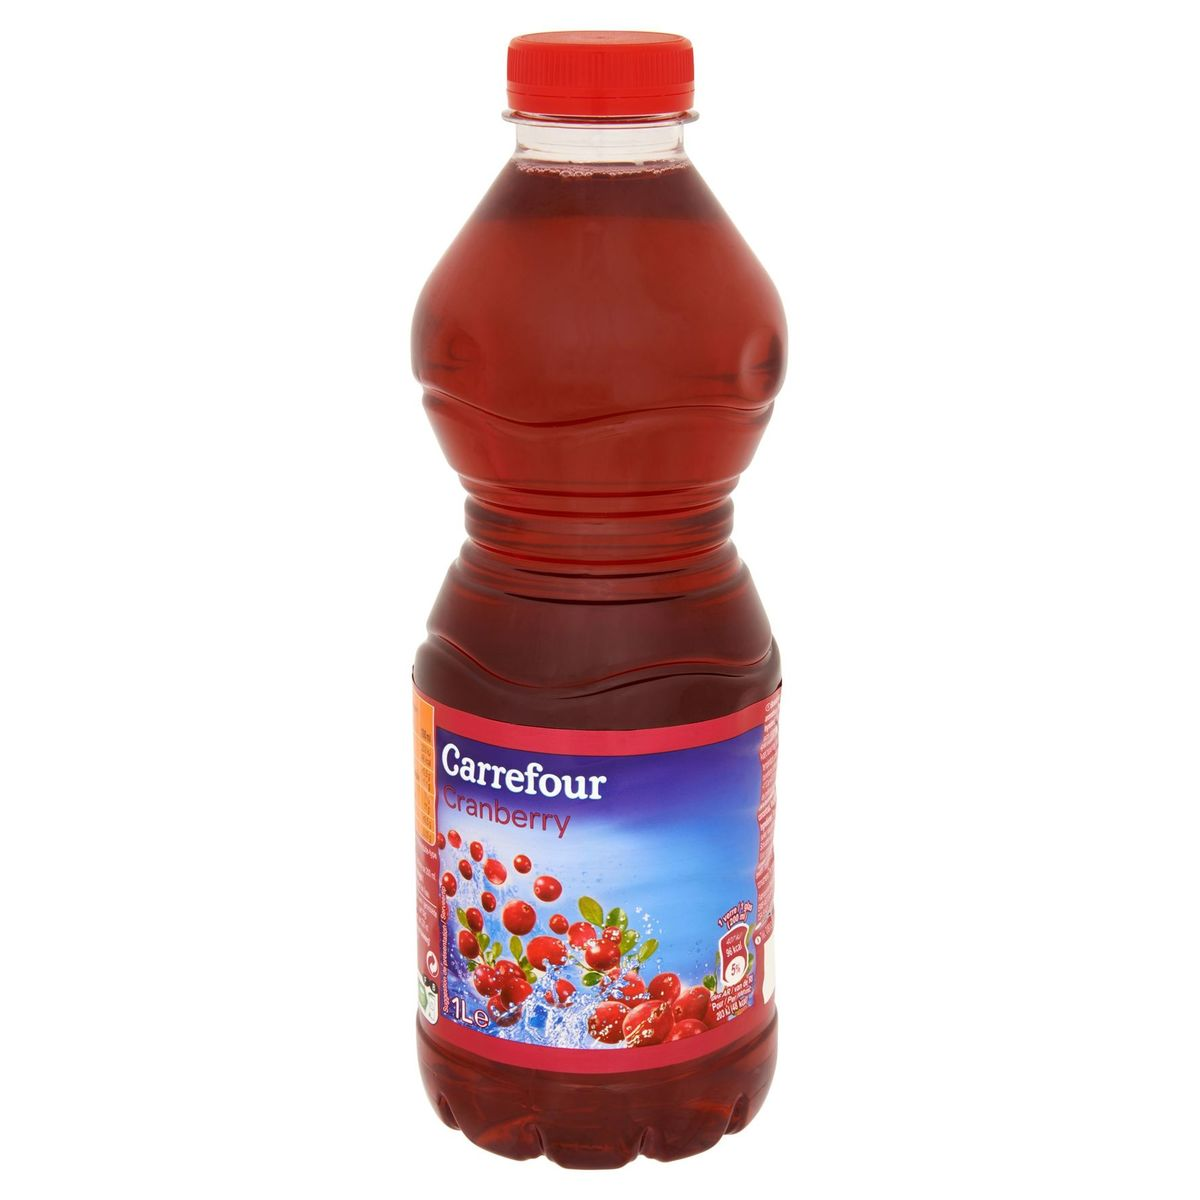 Carrefour Cranberry 1 L